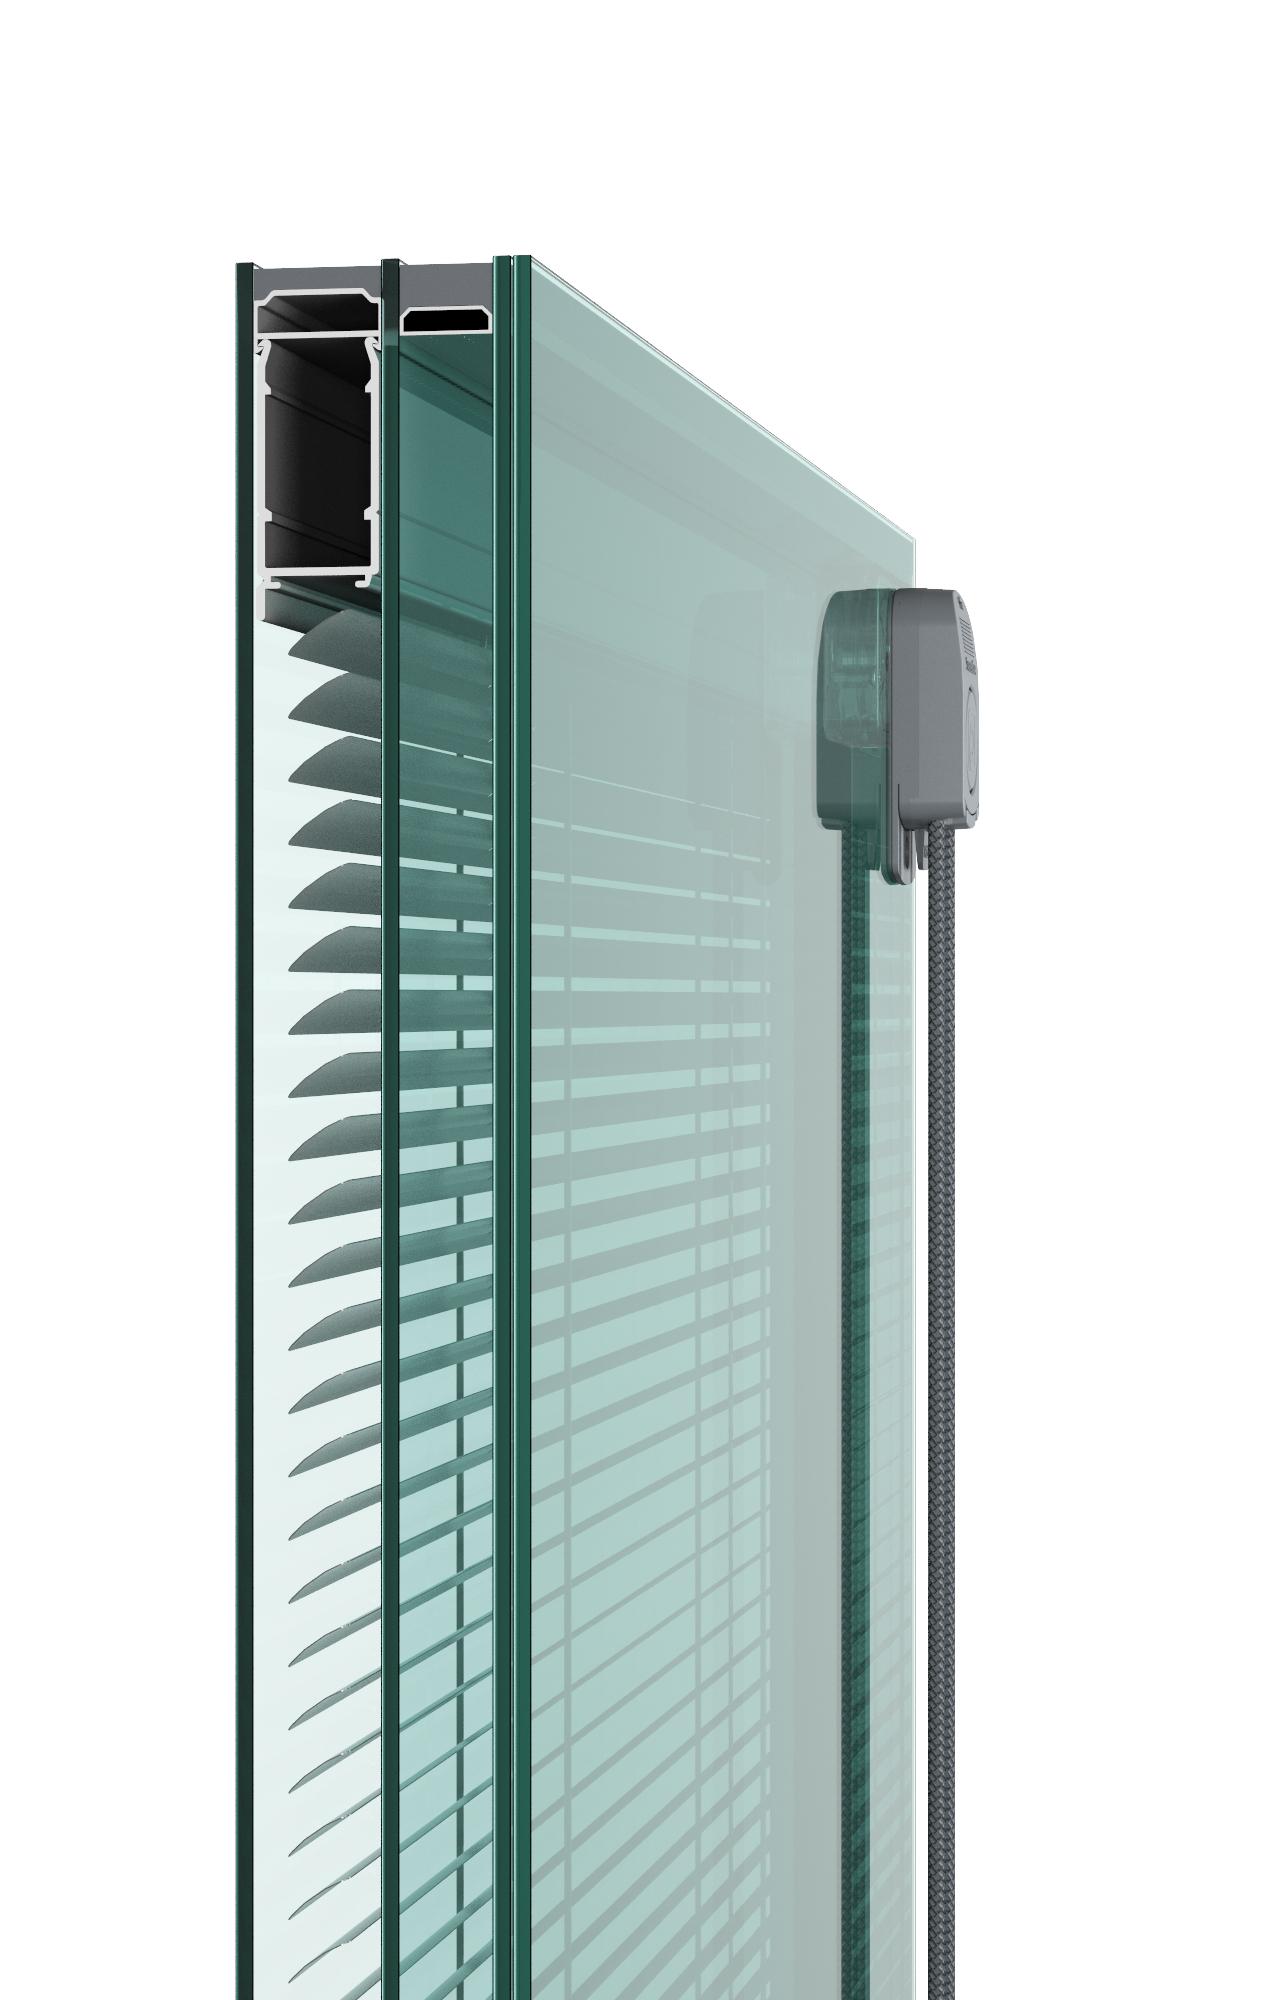 Pellini nuove applicazioni per tende in vetrocamera il - Sunbell veneziane interno vetro ...